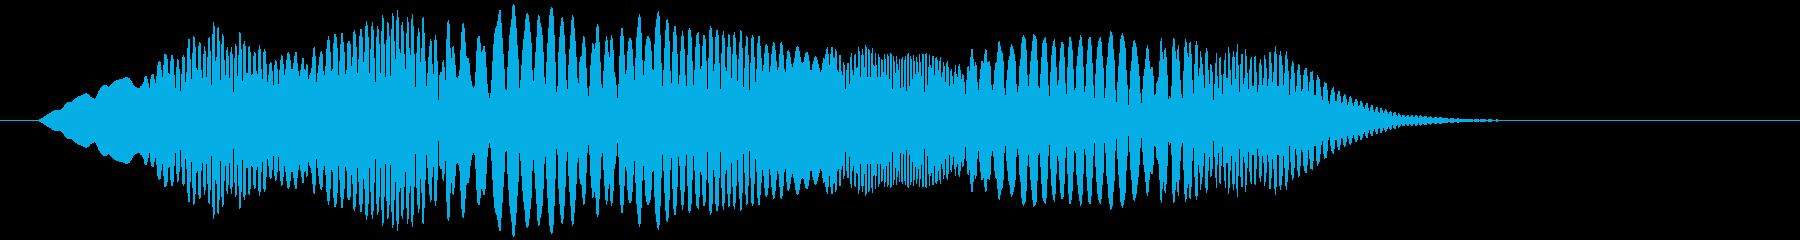 ヒヨヒヨ(コミカル・混乱・ゲームオーバ)の再生済みの波形